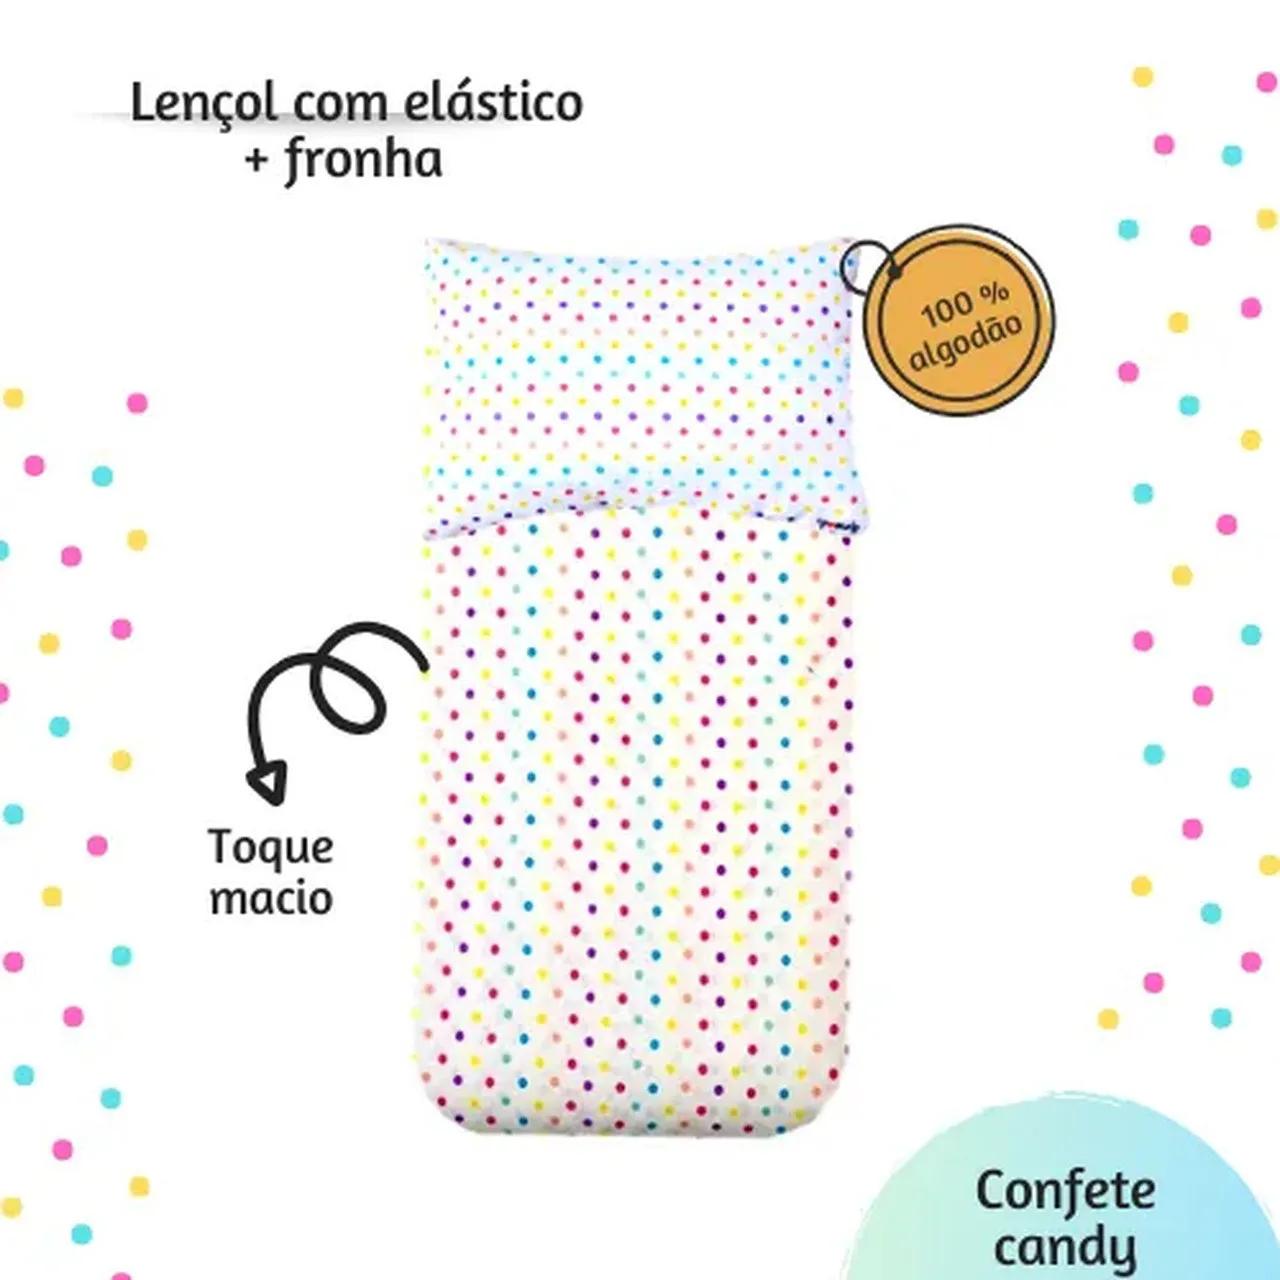 Jogo de lençol mini cama estampa Confete candy